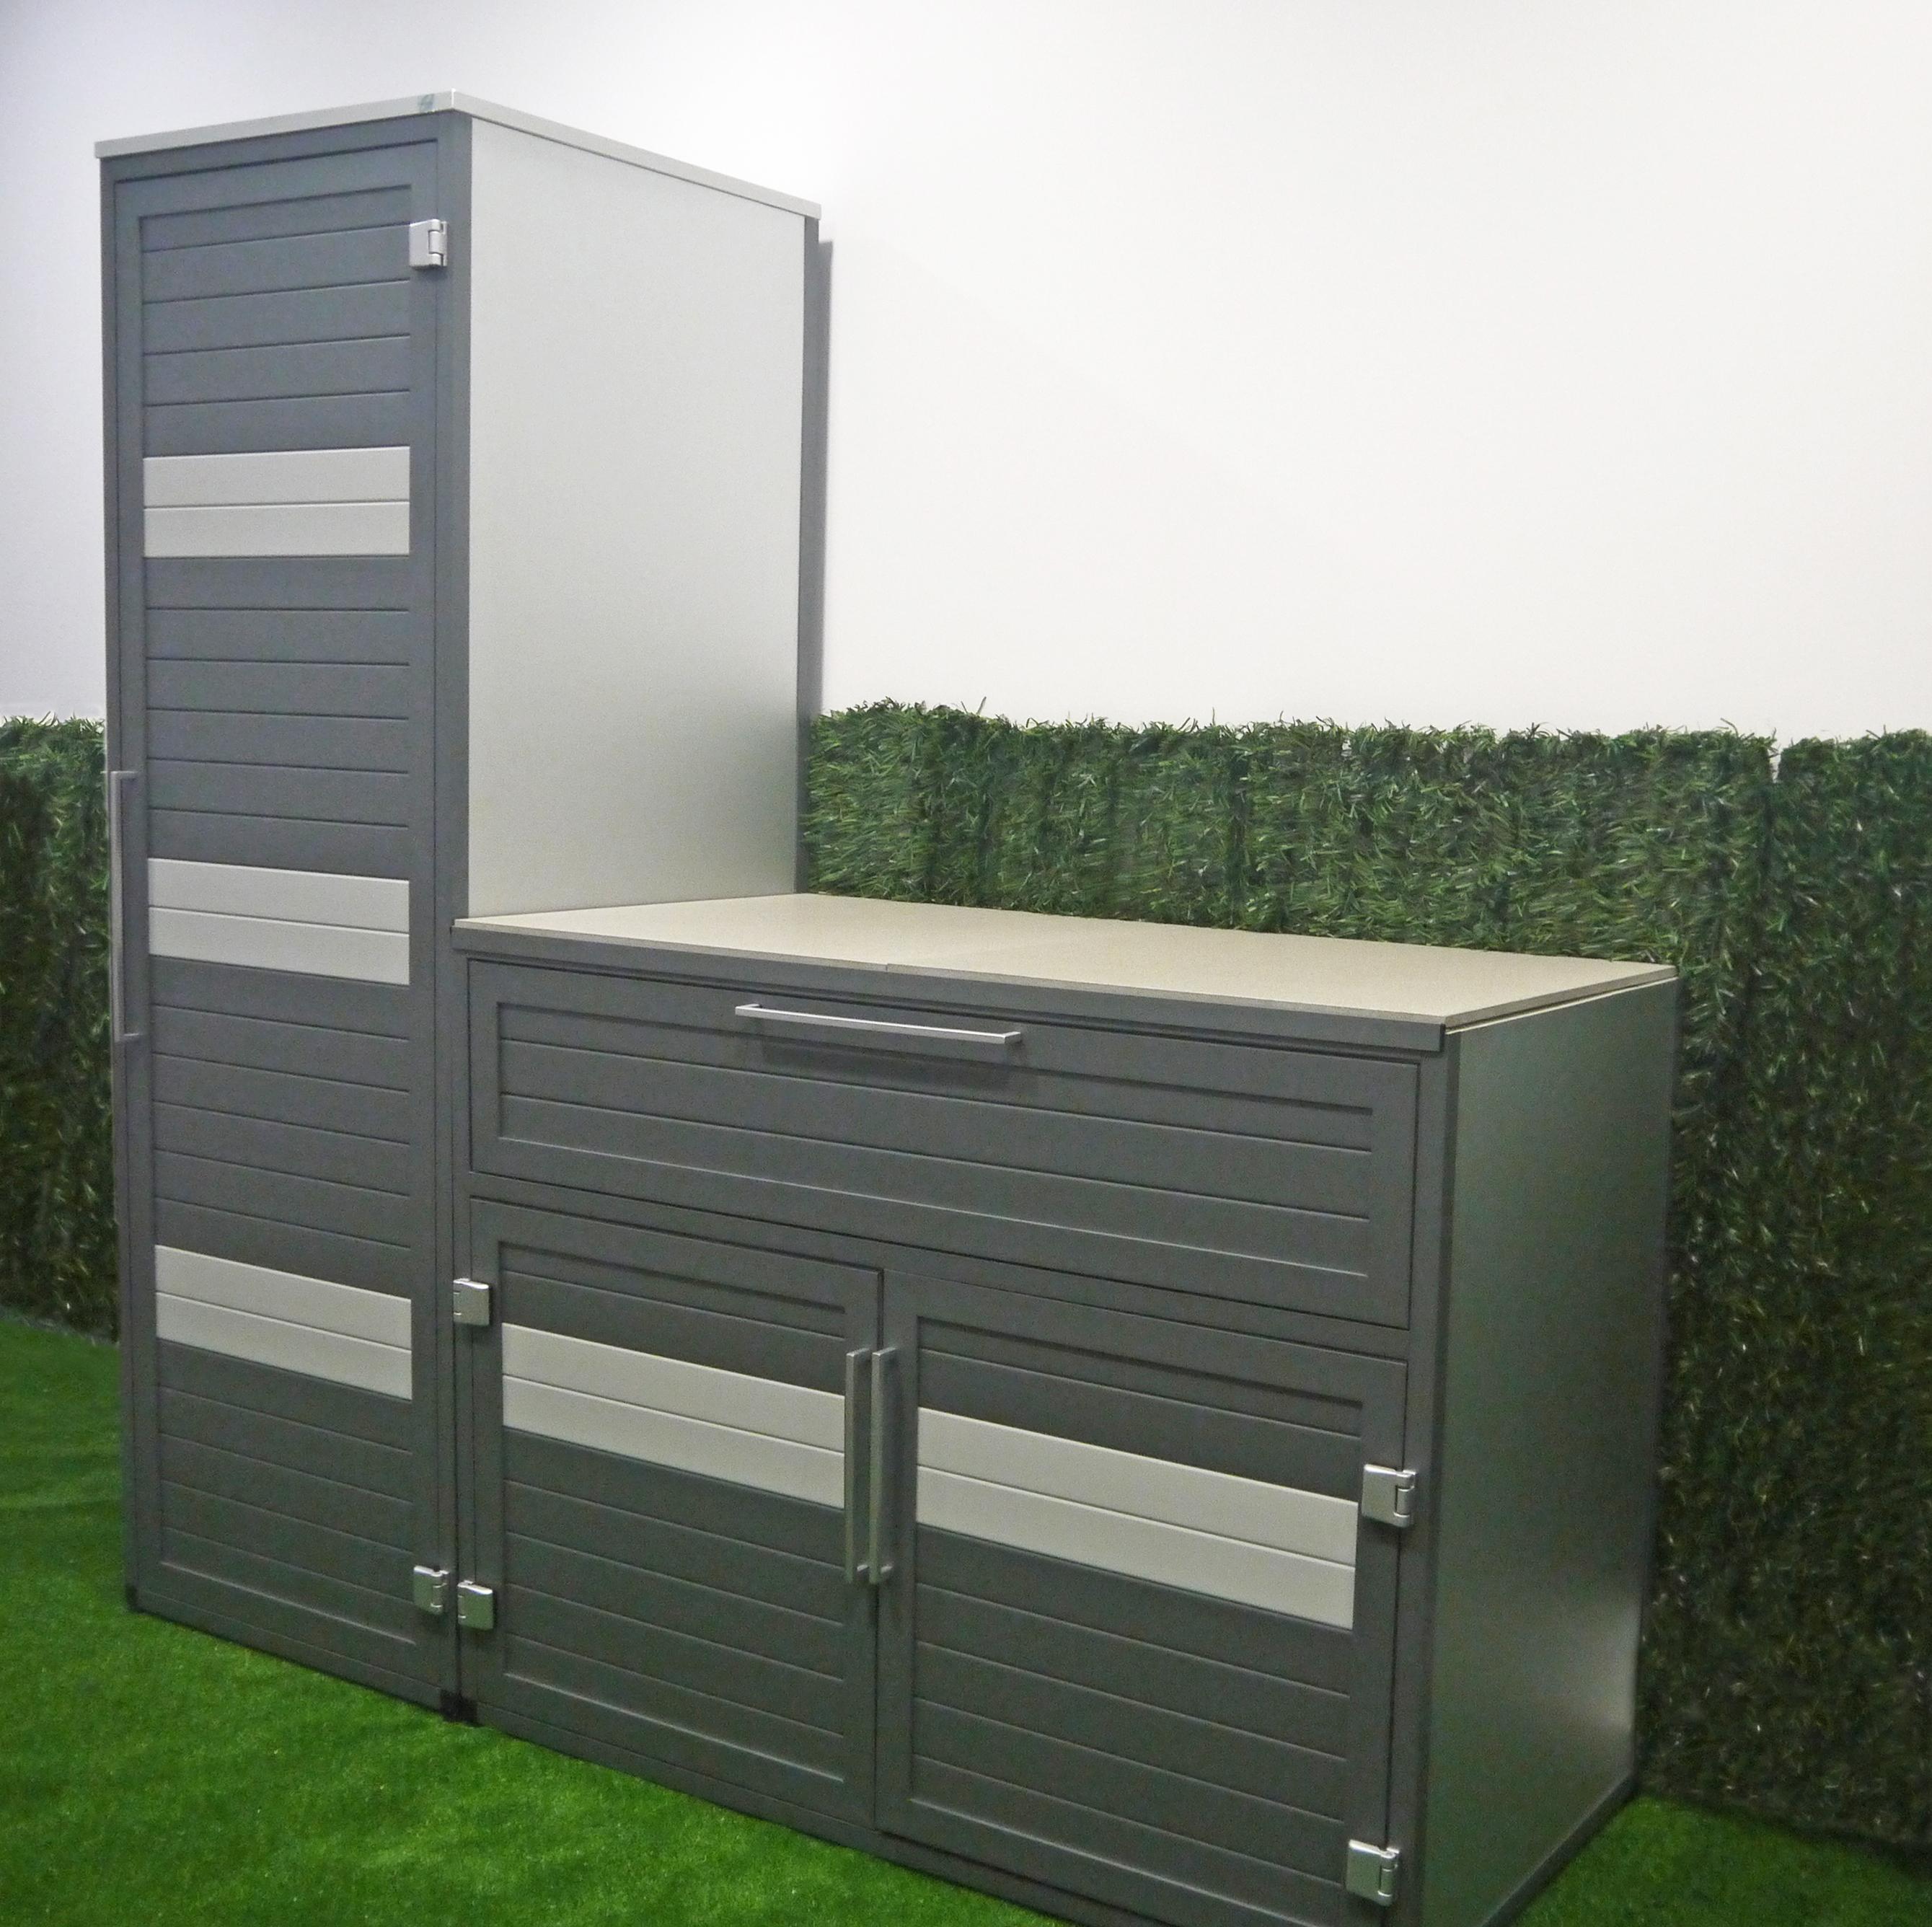 Moble exterior d'alumini